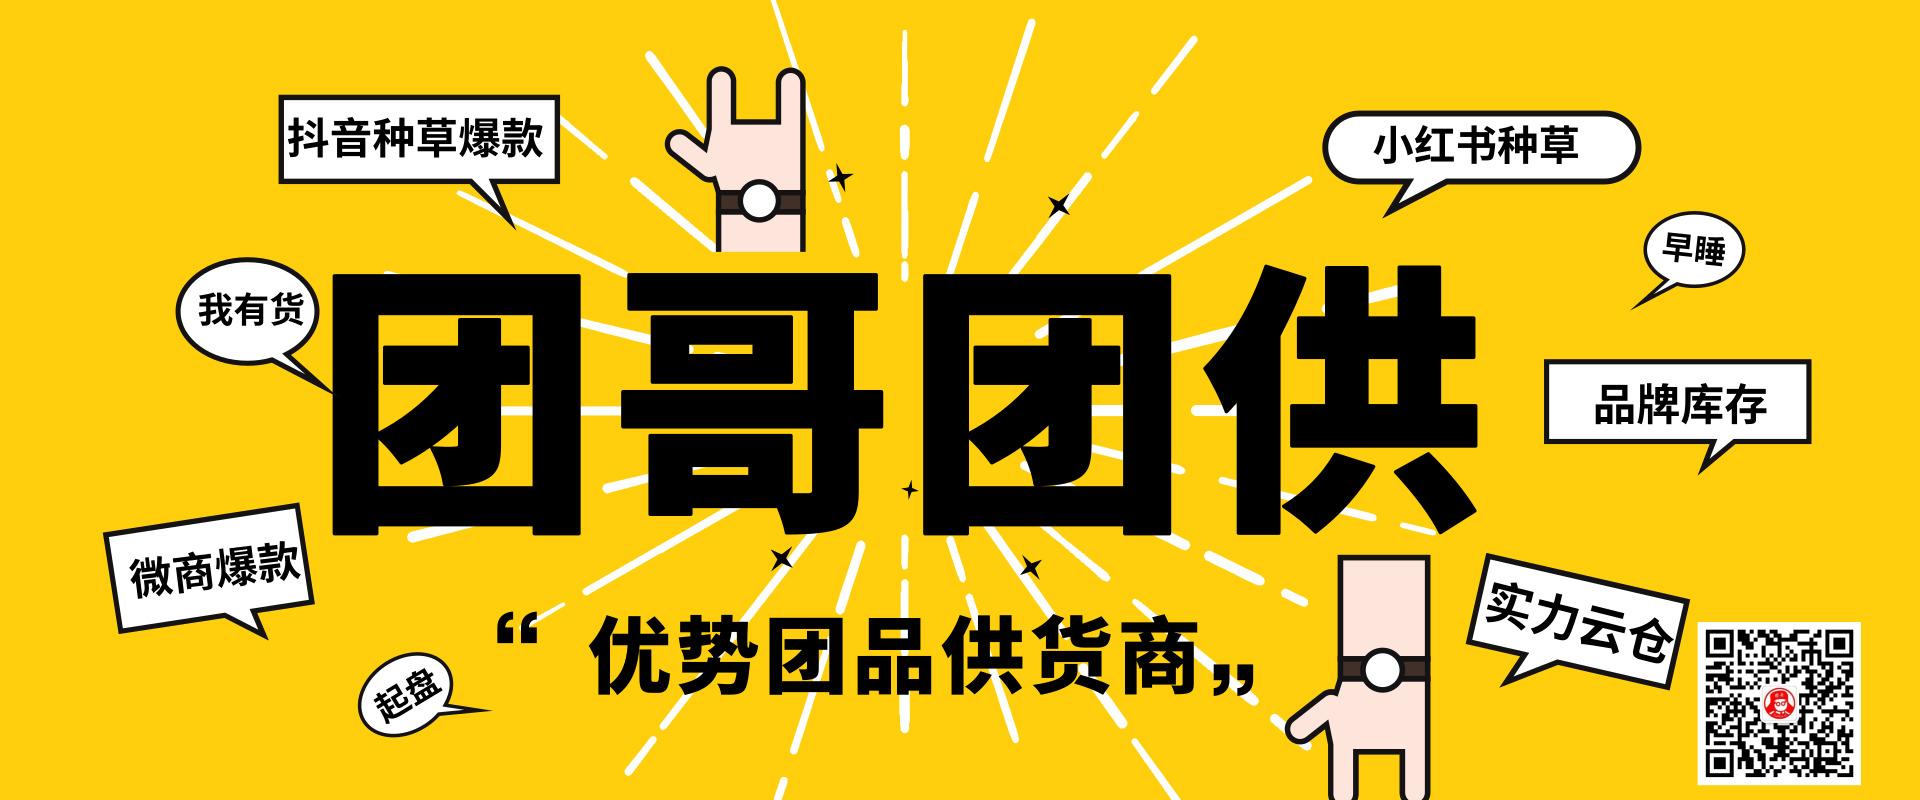 推广平台_深圳装修公司在哪些平台做推广_怎么做平台推广